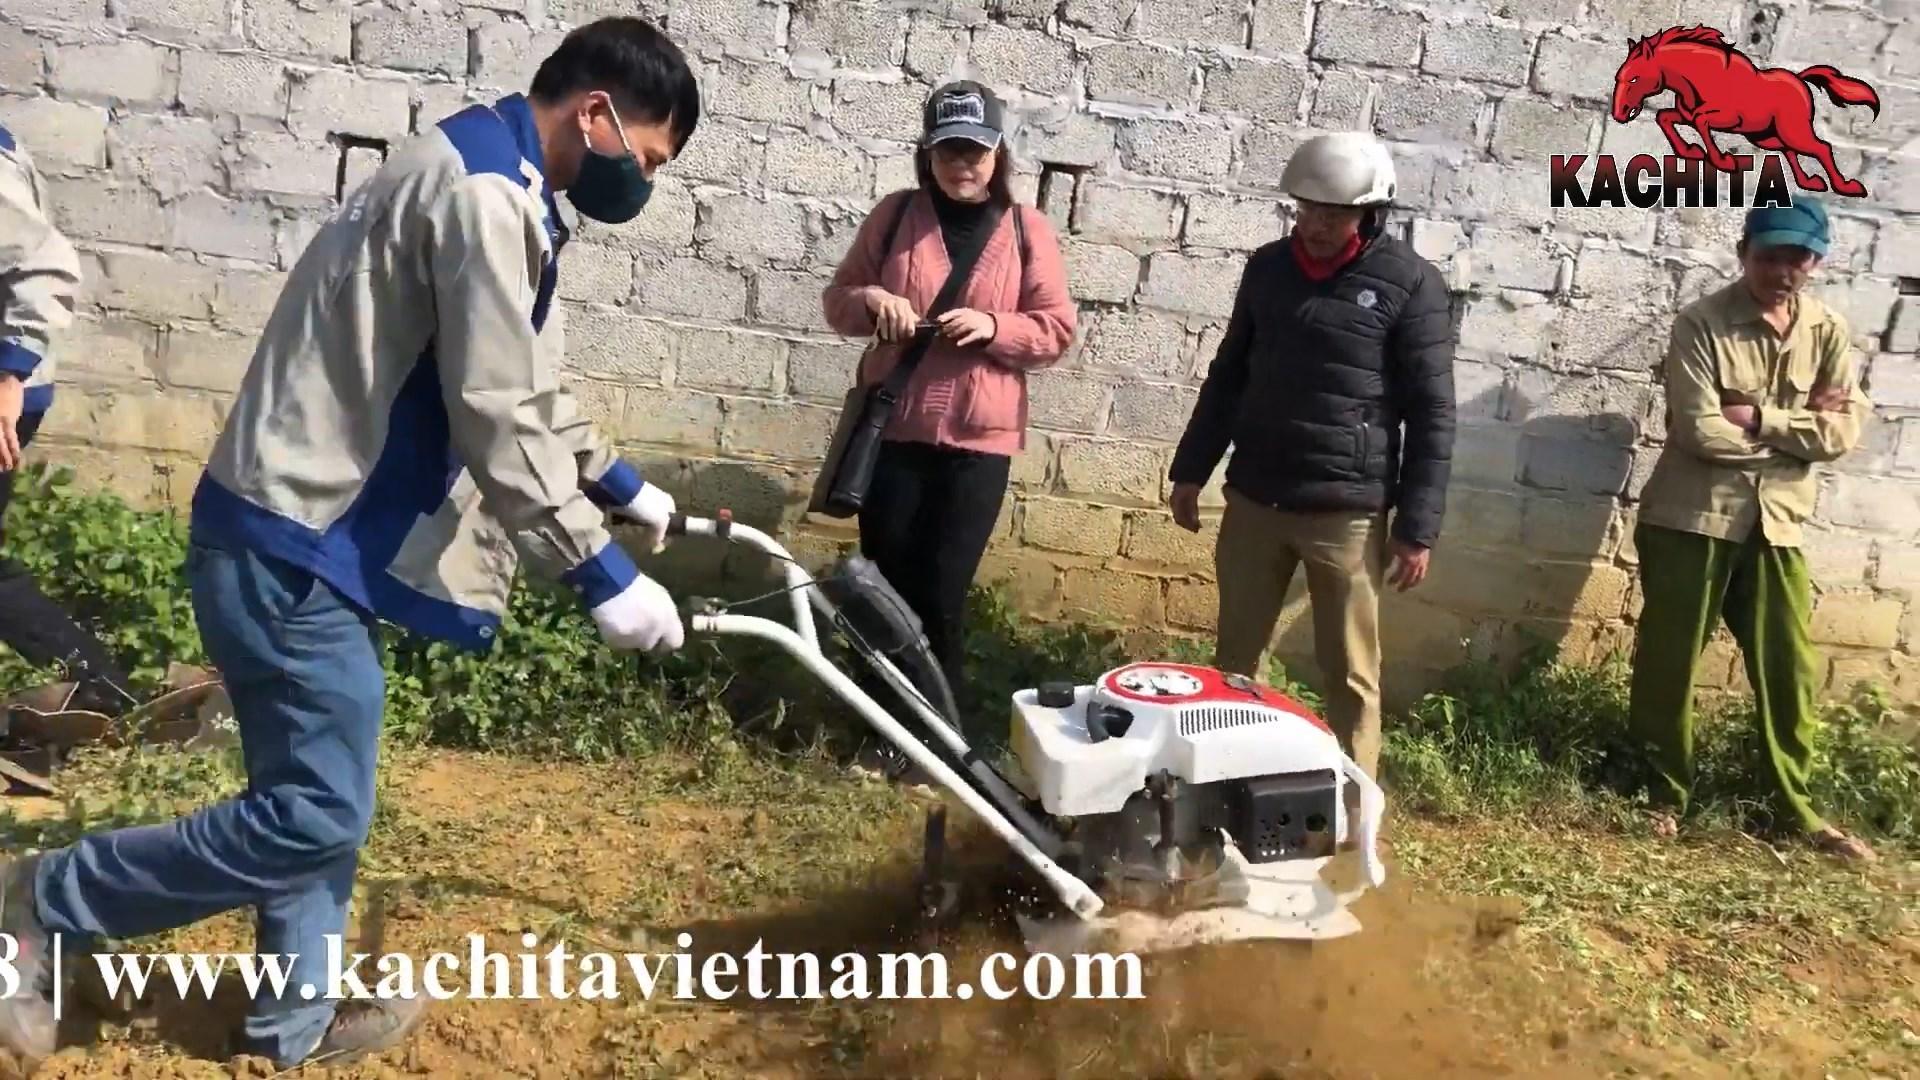 máy xới đất chạy xăng Kachita sử dụng trên đất đồi núi